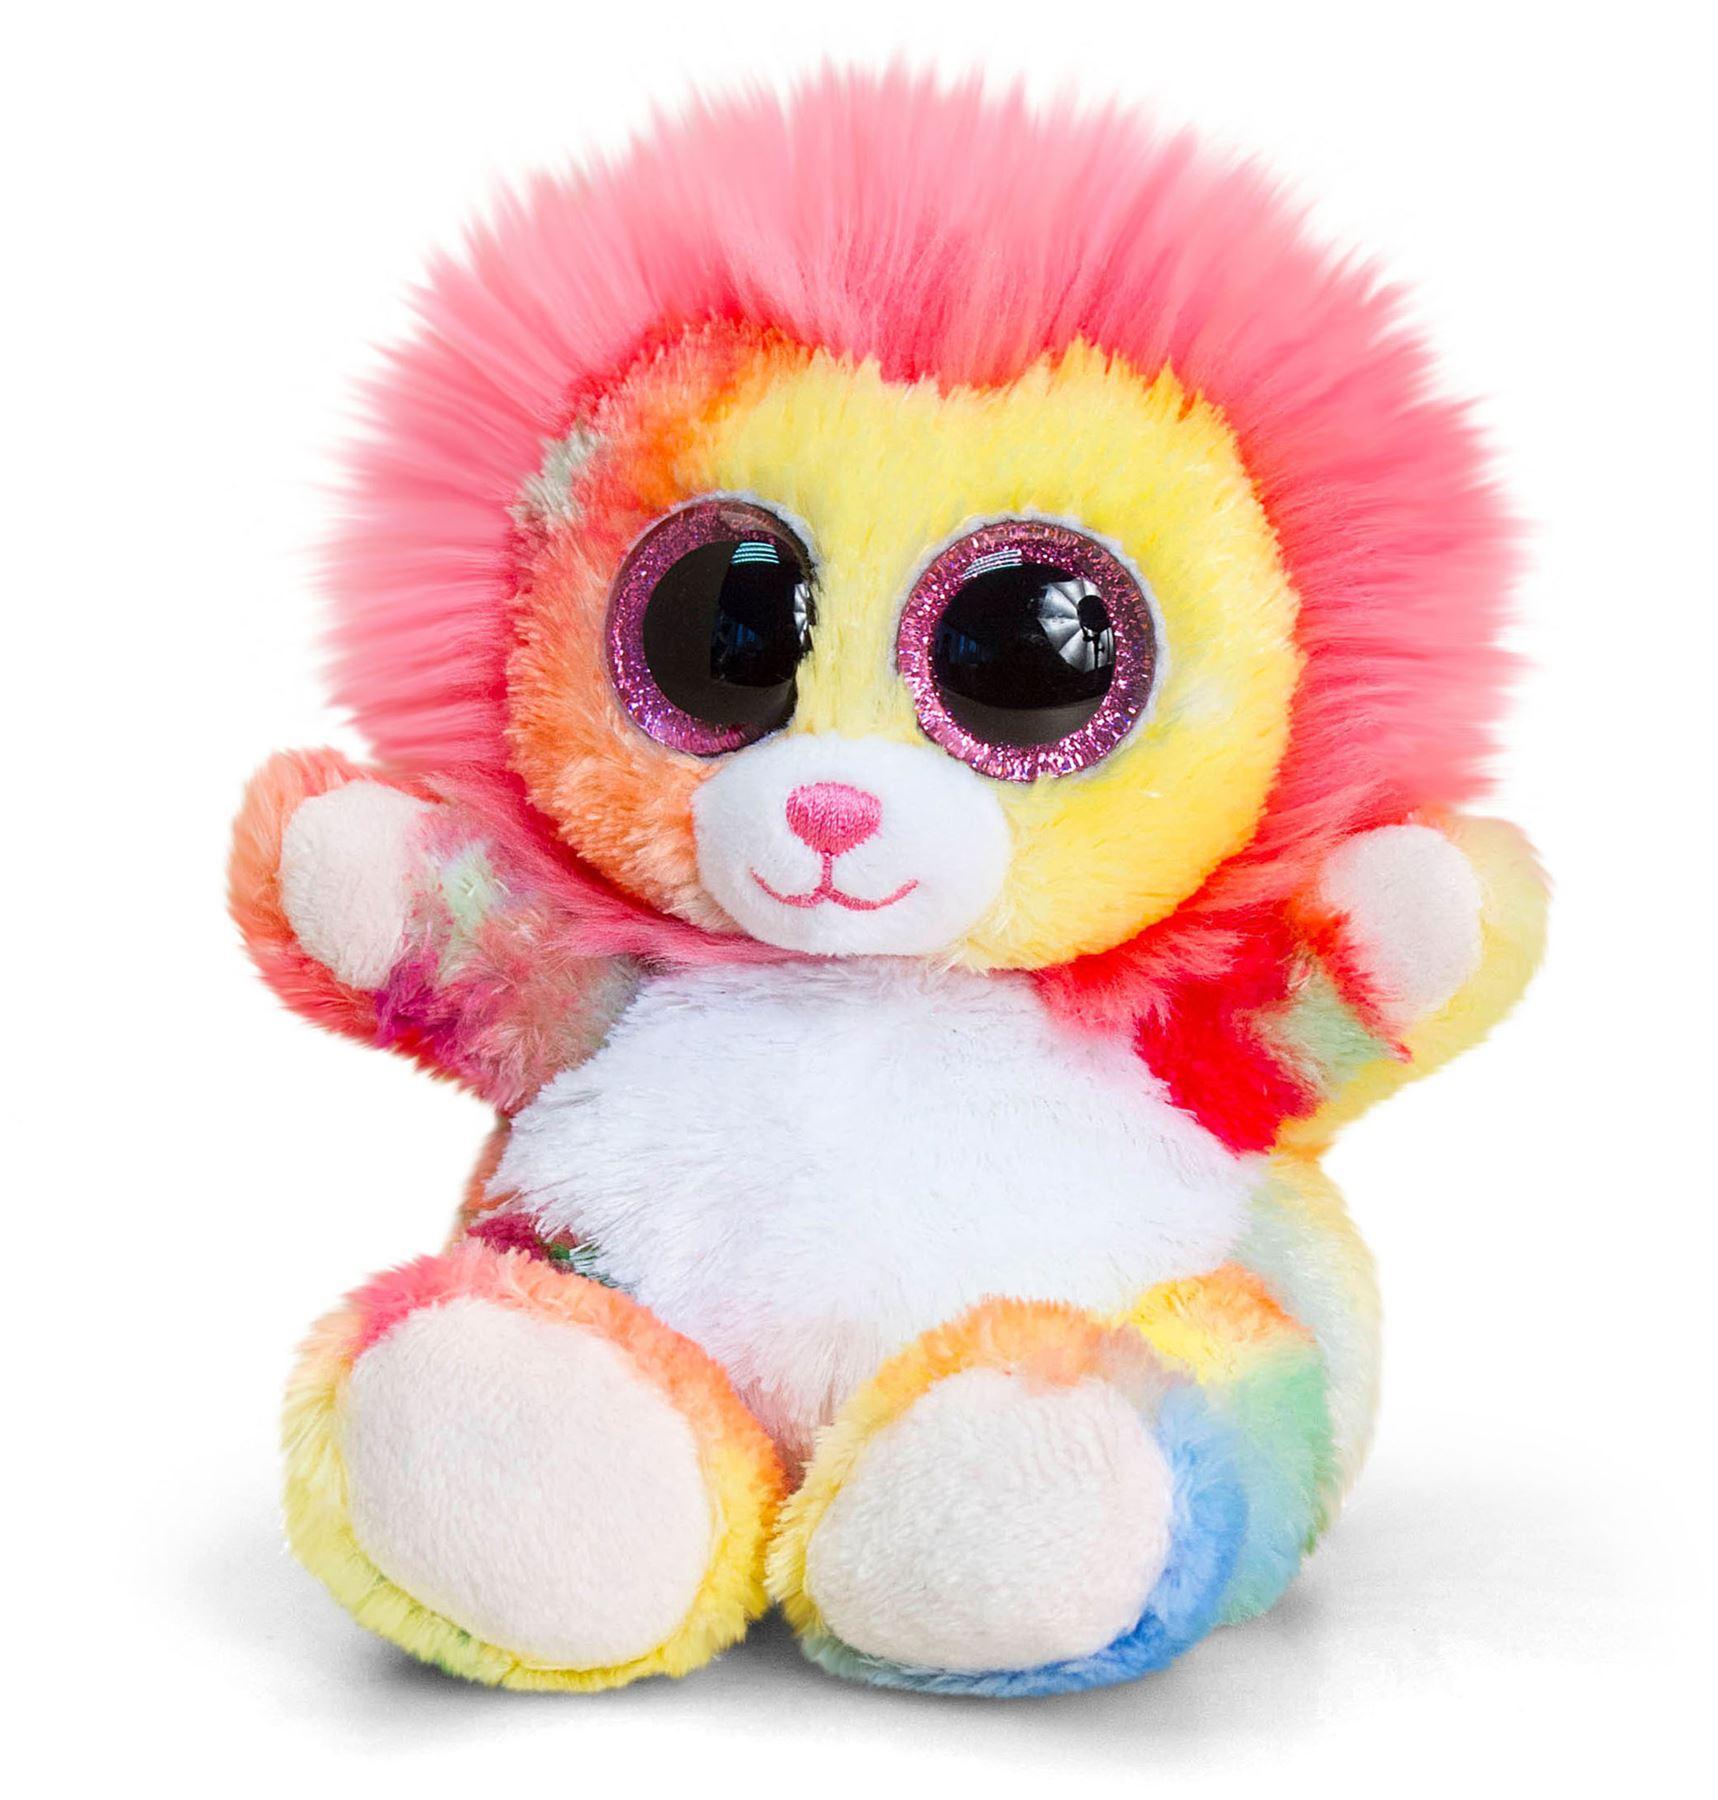 20CM Kinder Kleinkind Weiches Spielzeug Neu Keel Toys HUMBOLDT-PINGUIN